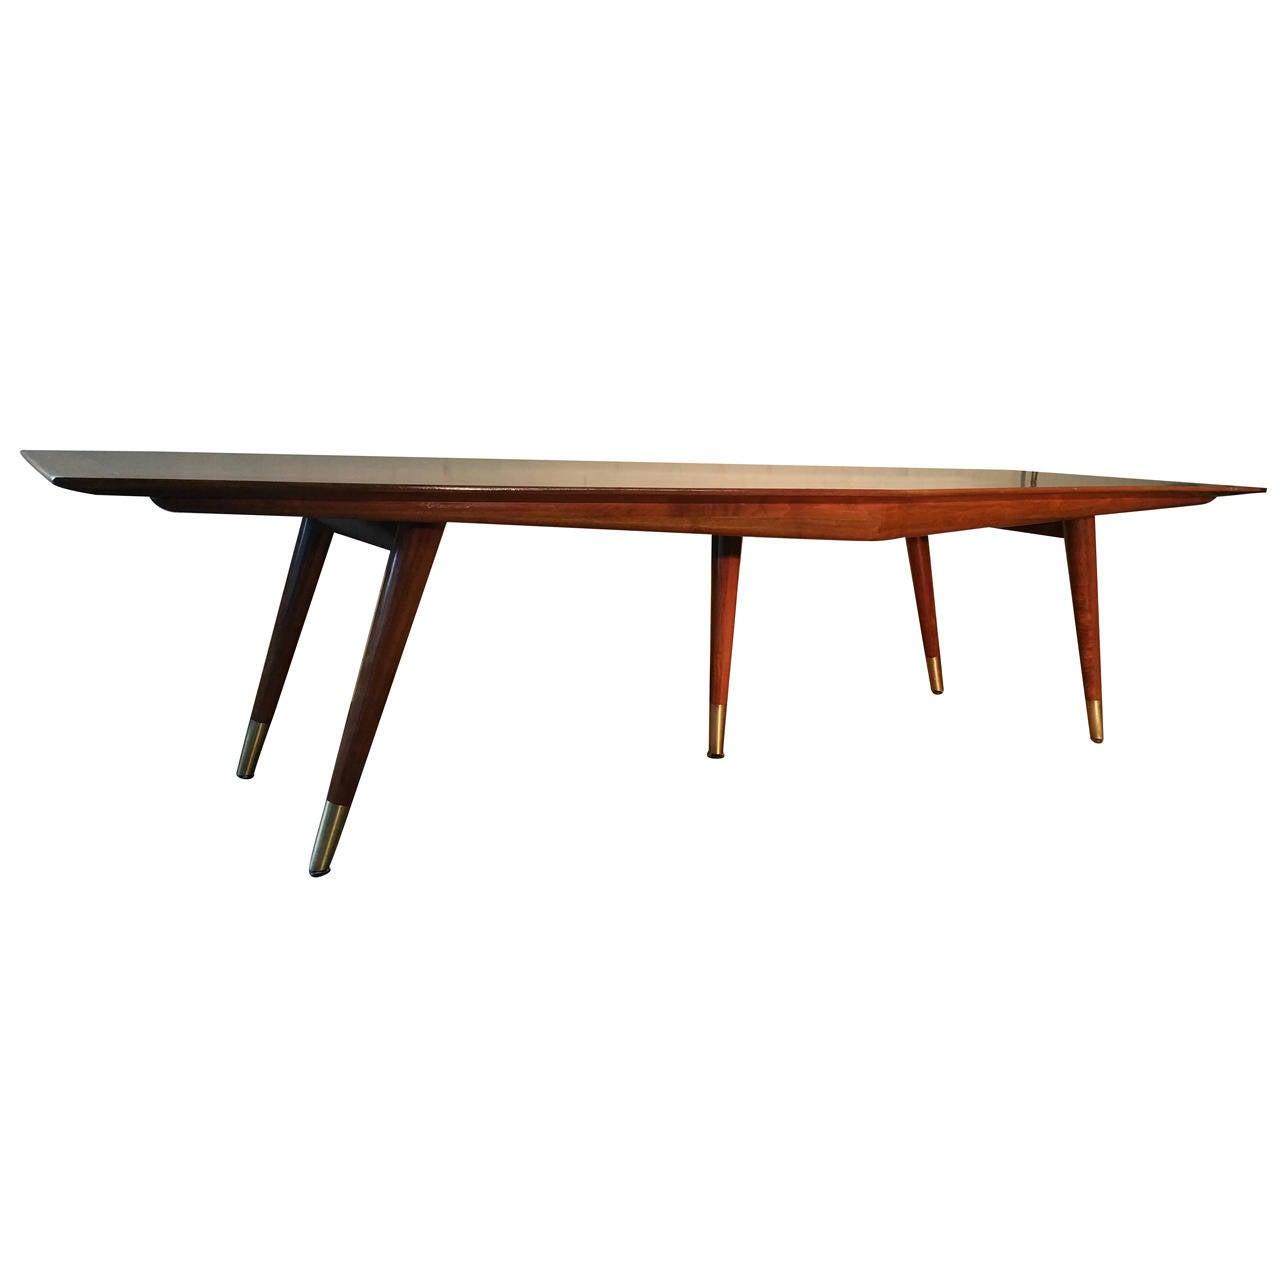 Davis Conference Tables 1063414 L Jpg Oval Dining  : ORG201503141559451l from joshandira.com size 1280 x 1280 jpeg 35kB